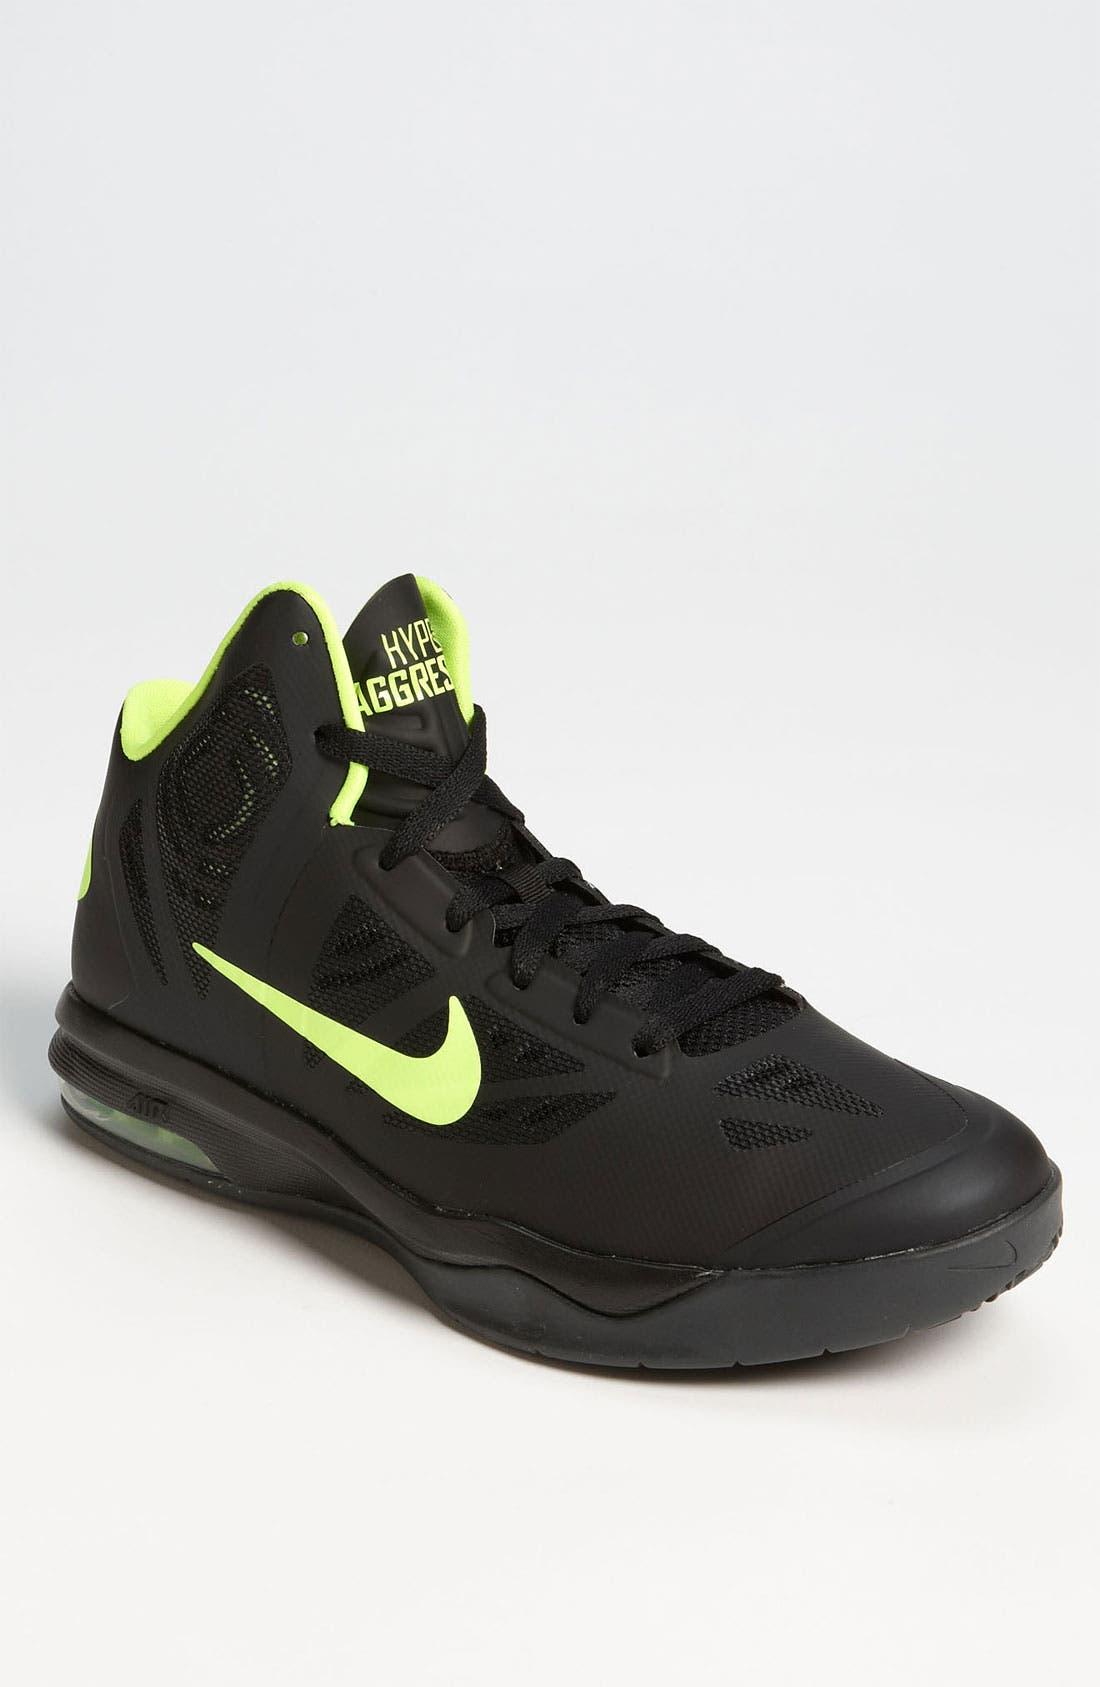 de68bce9 hombres Nike Nordstrom Zapatillas 'air Baloncesto De Hyperaggressor' Max  Pq7zw8Y7